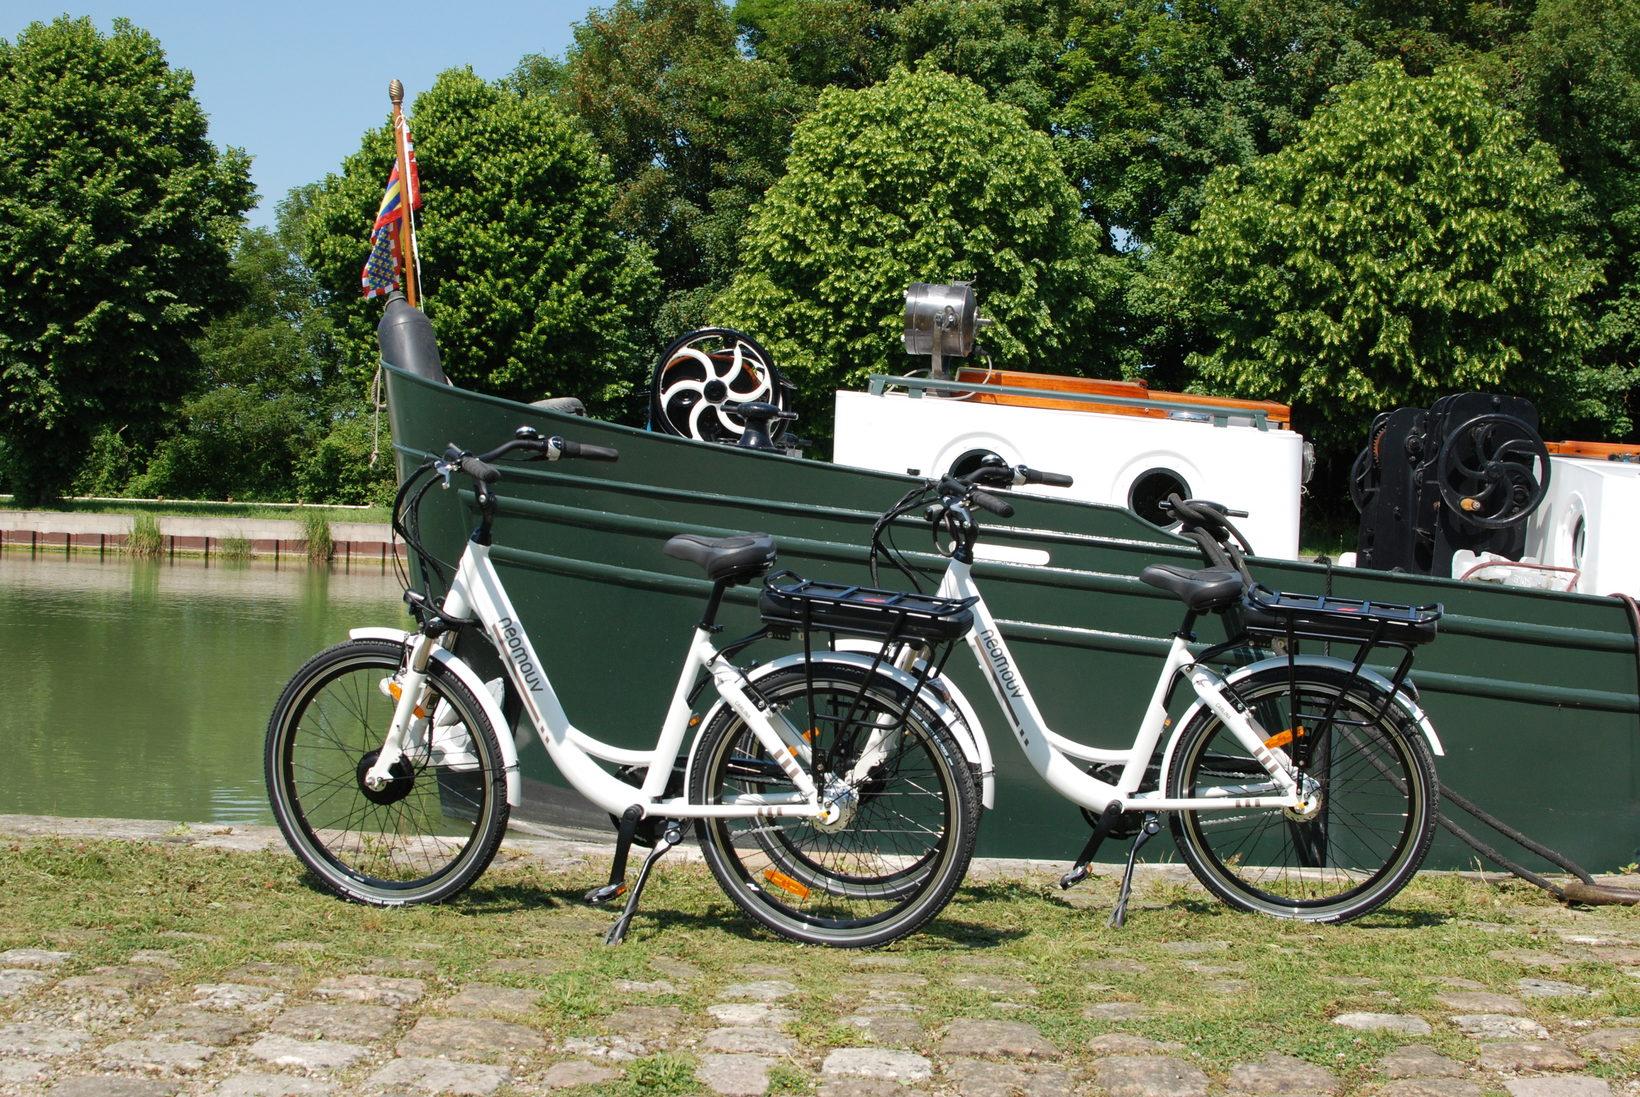 Bike and Barge Cruise - The Randle